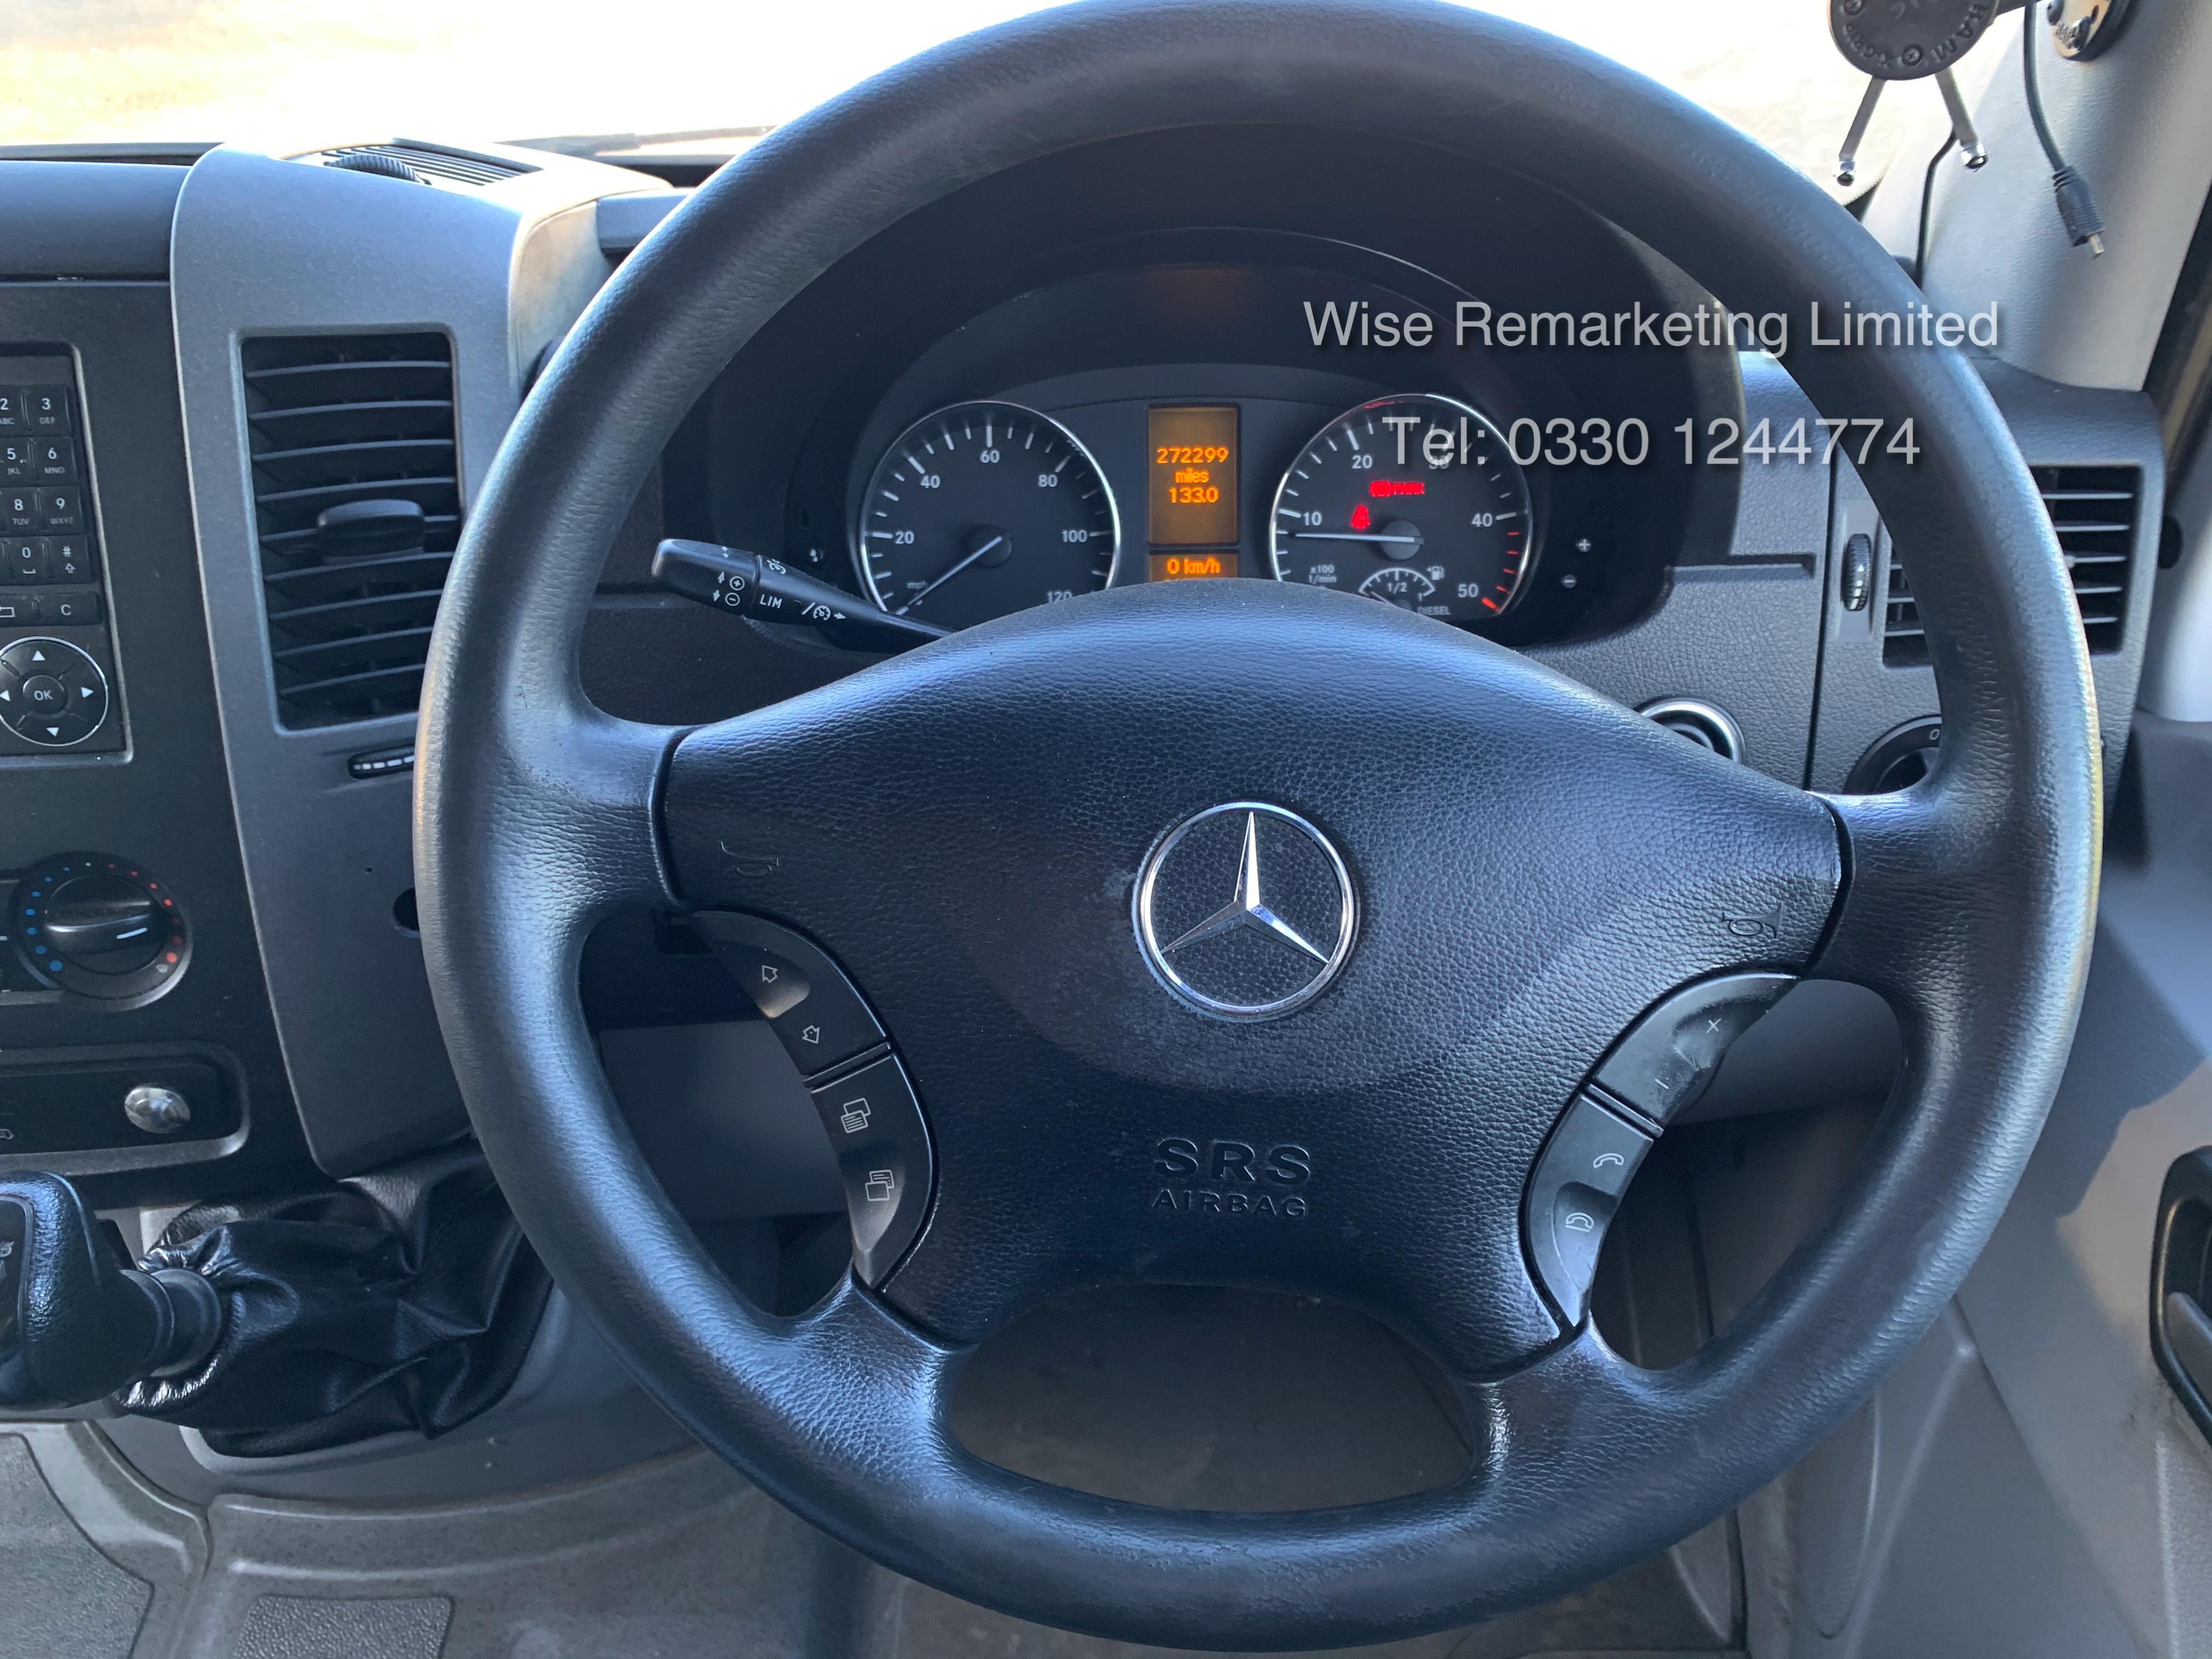 (RESERVE MET) Mercedes Sprinter 316 2.1 CDI Long Wheel Base High Roof Van - 2014 Model - 1 Owner - Image 18 of 19